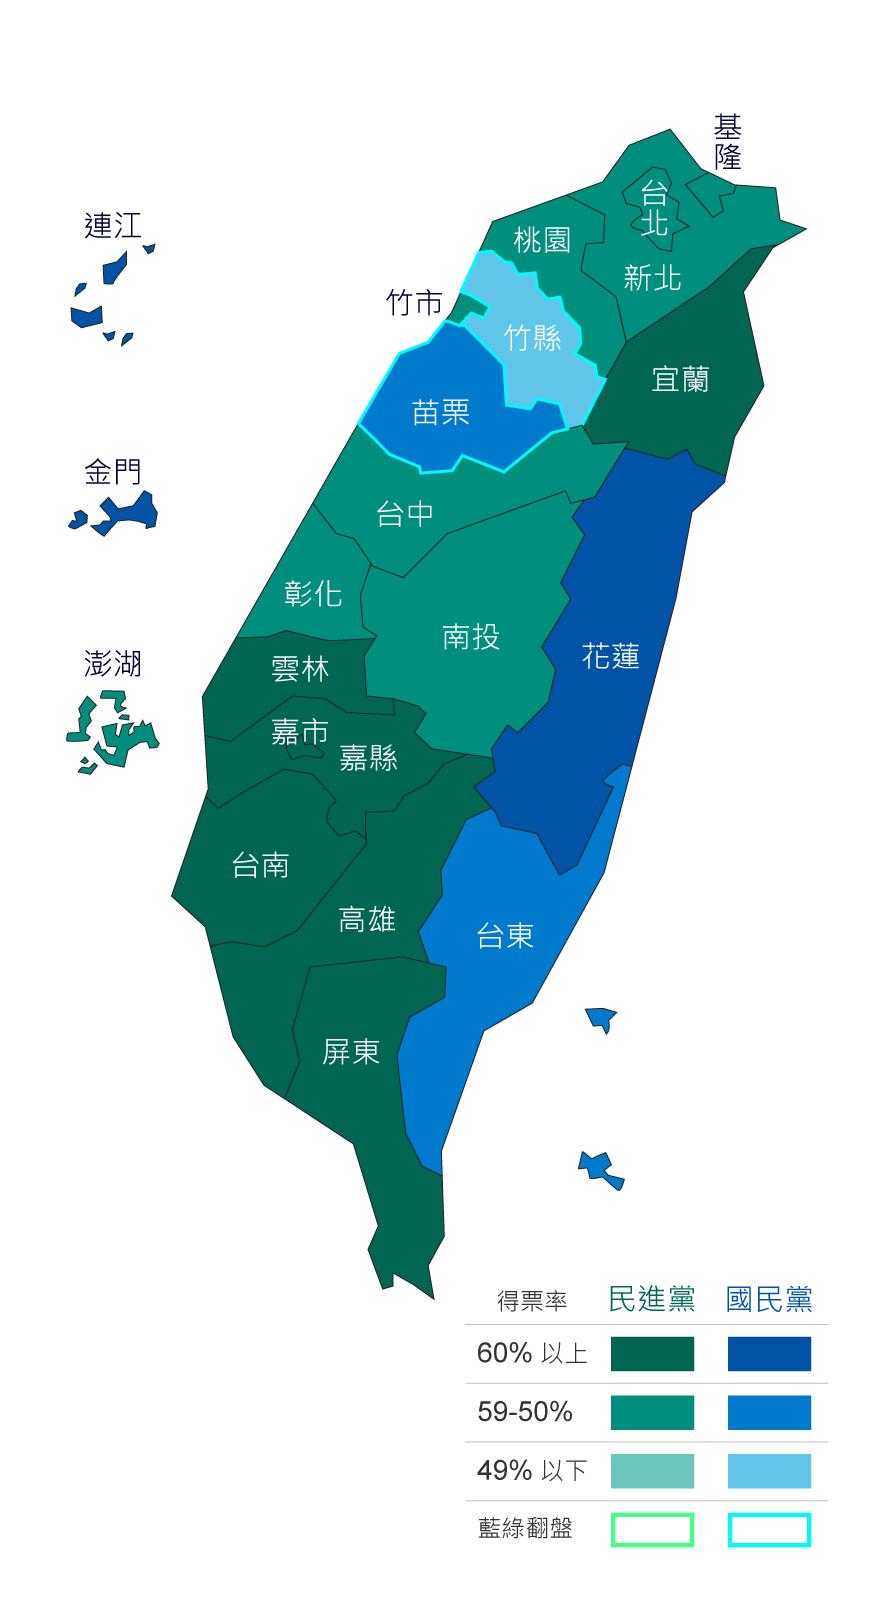 2020蓝绿版图